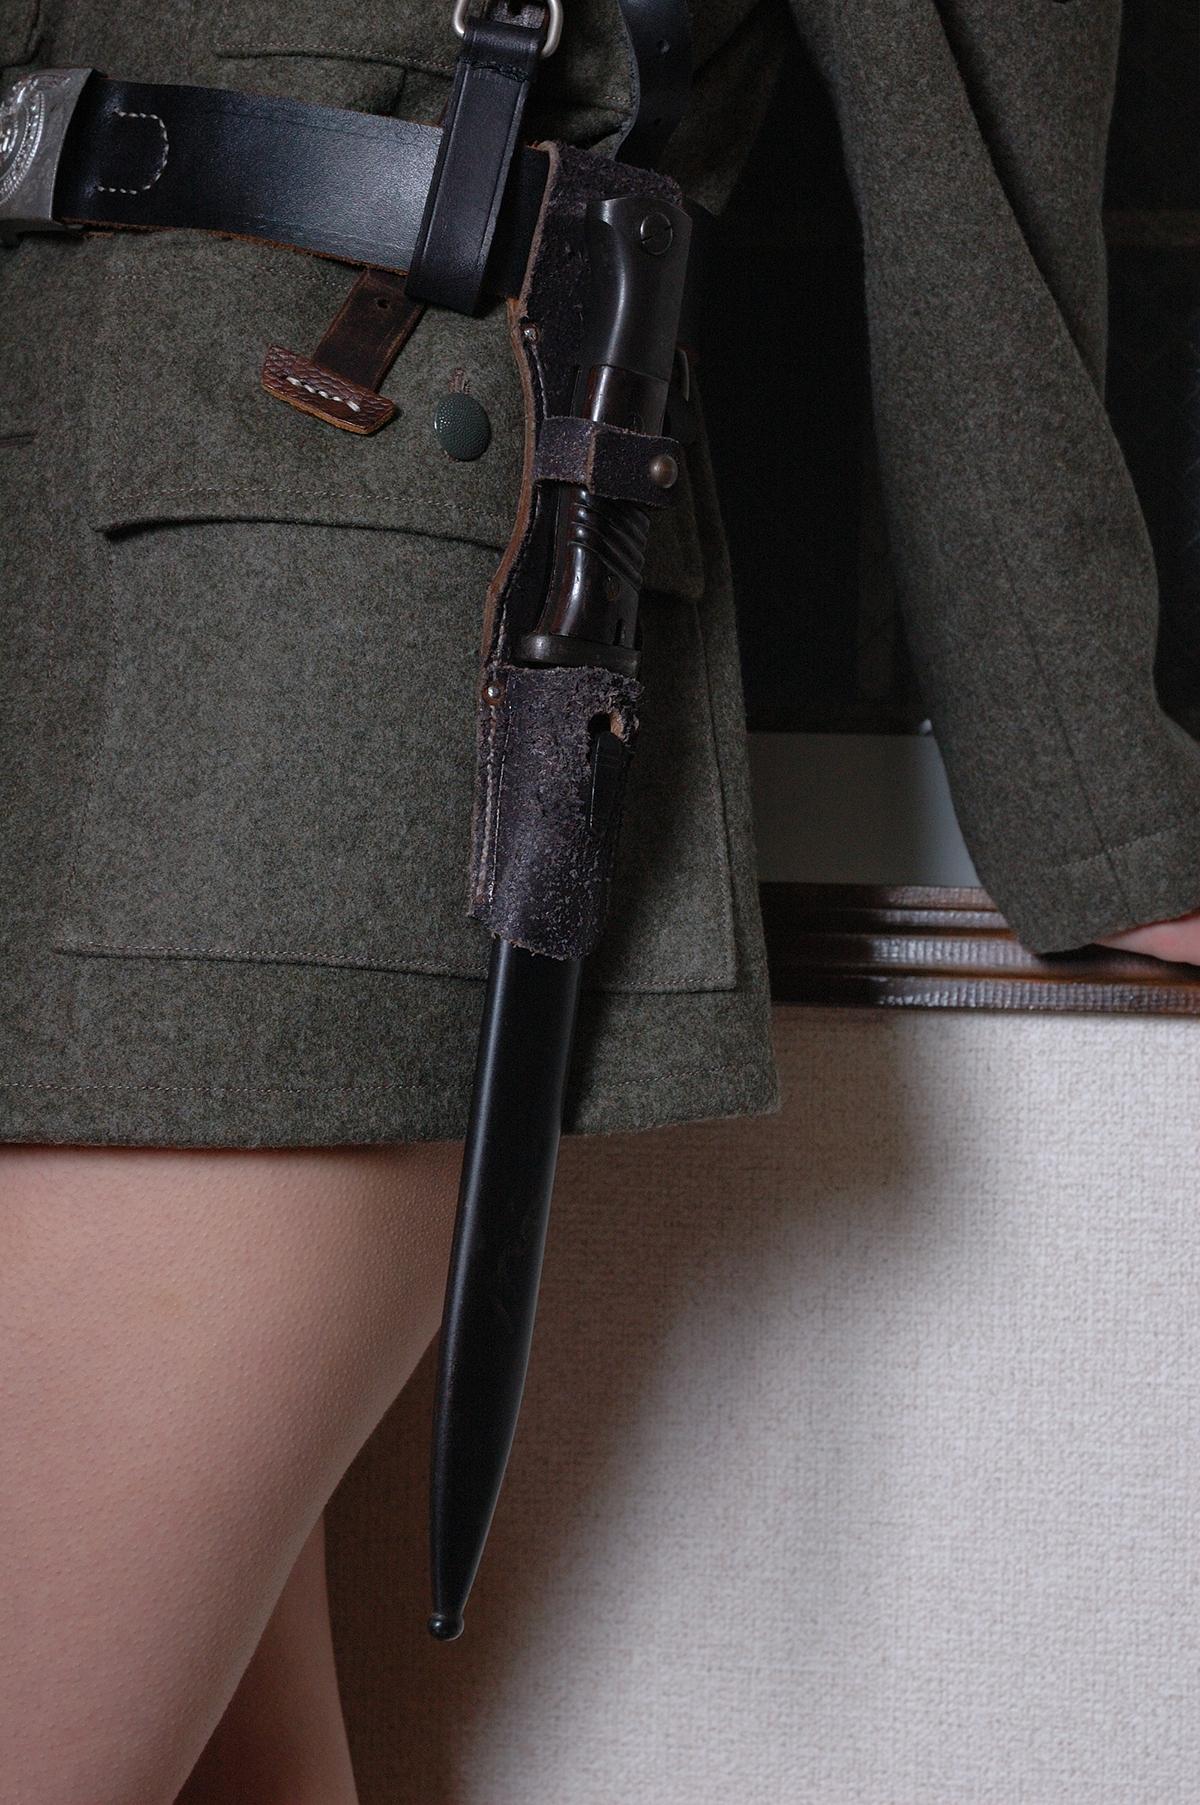 Kar98k銃剣/刀身カット合法加工品